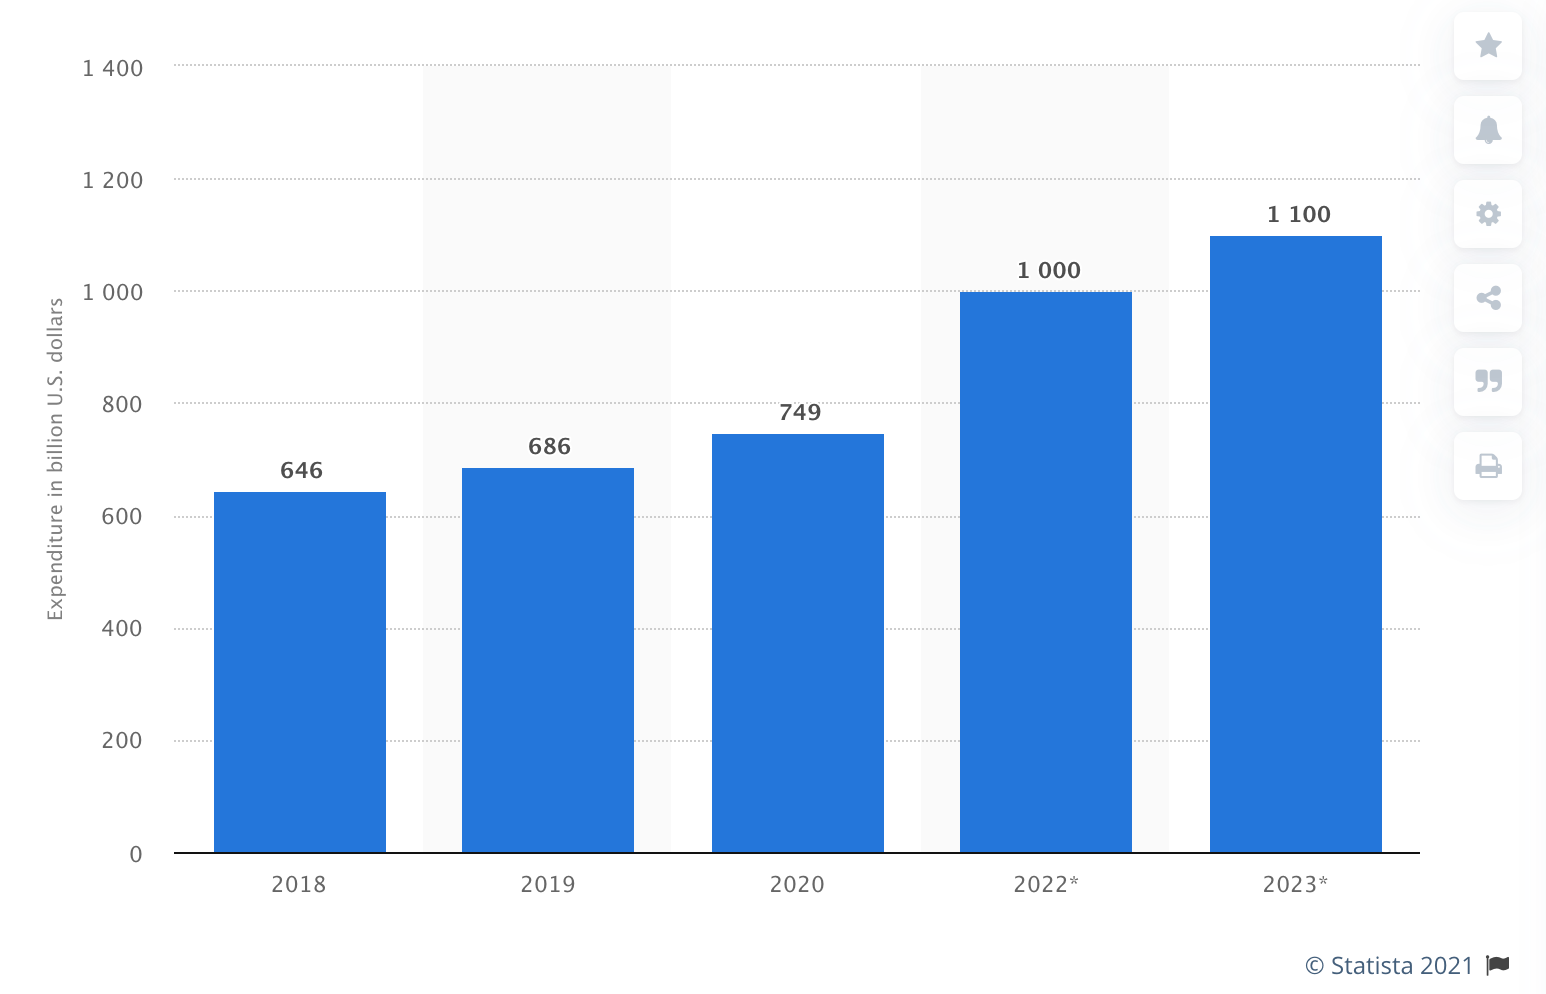 รีวิวกองทุน WE-CYBER และ ARKW: ลงทุนใน Next Generation Internet ที่จะเติบโตในโลกยุคใหม่